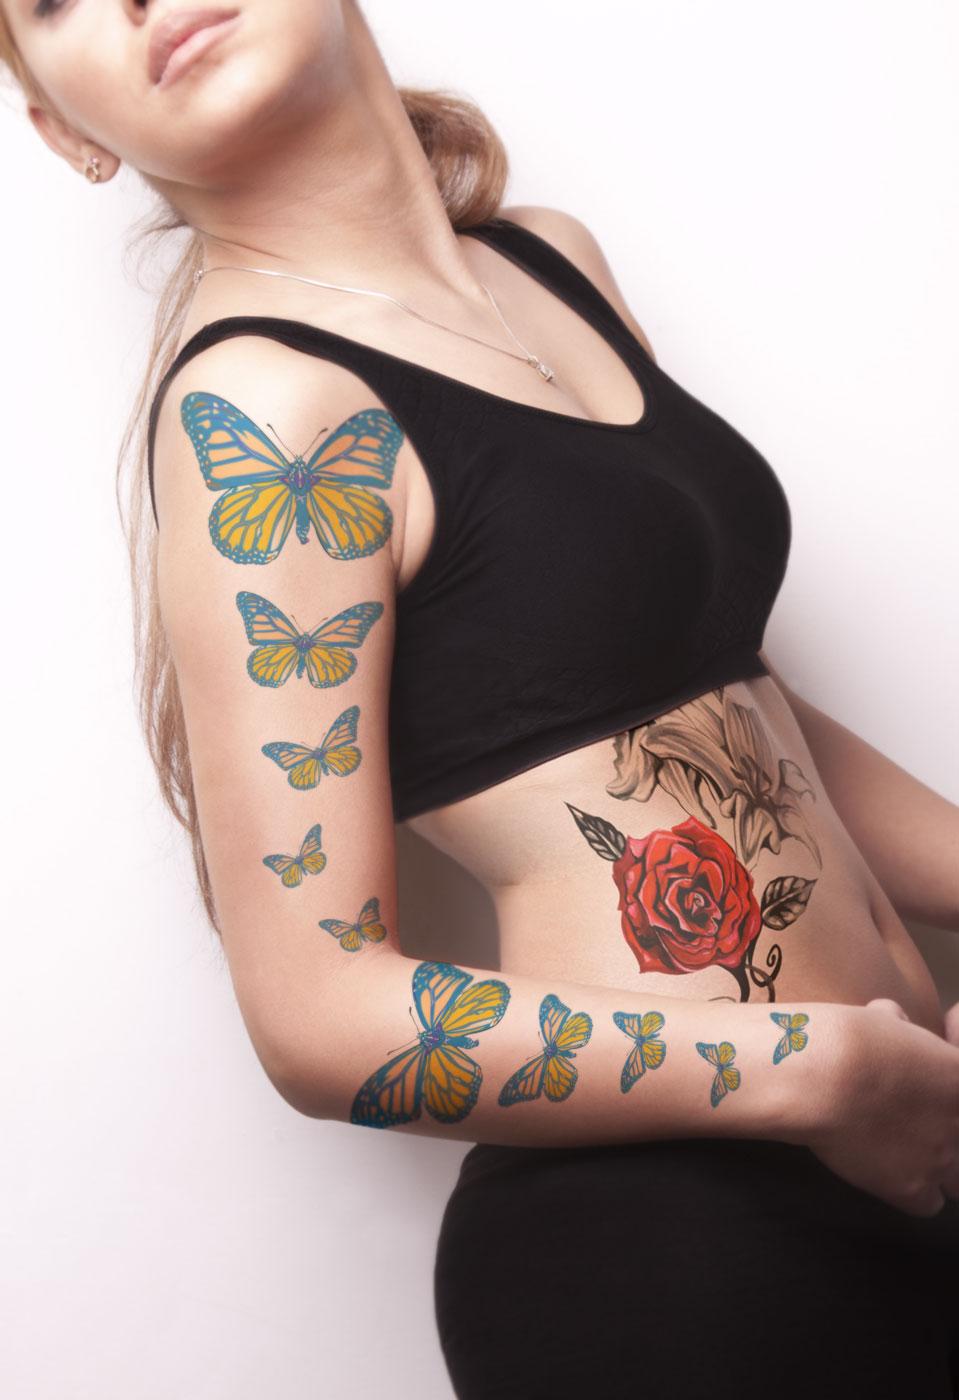 دانلود موکاپ تتو روی بدن زن مدل2